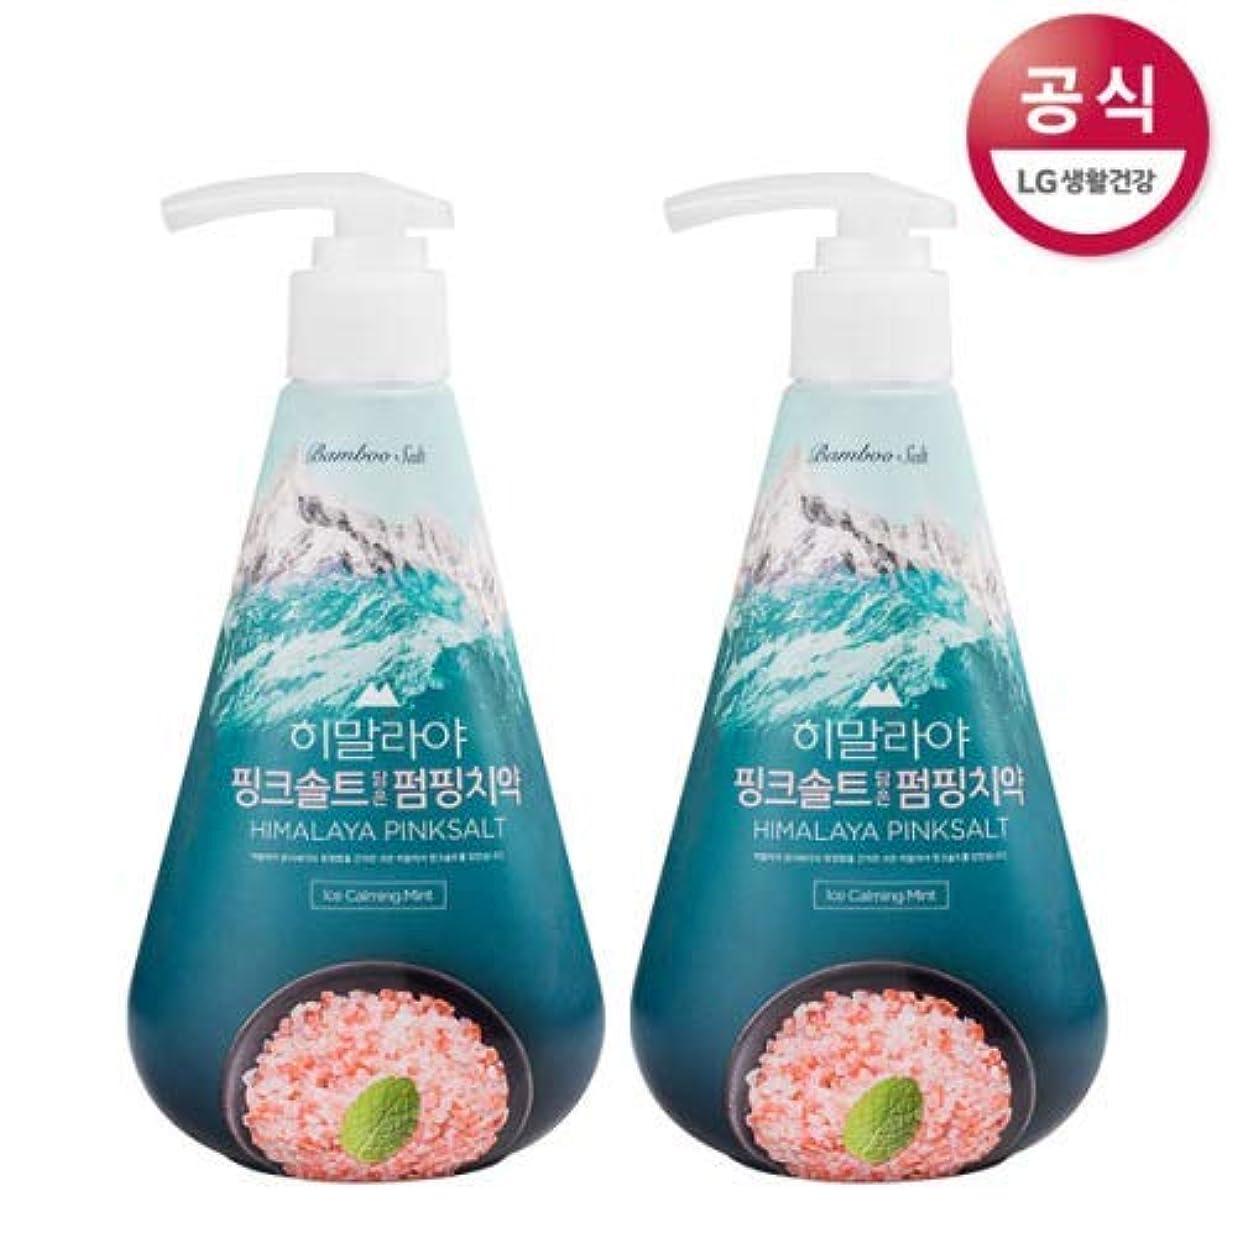 徹底的に地獄表面[LG Care/LG生活健康]ヒマラヤピンクソルトポンピング歯磨き粉アイスカミングミント285gx2個/歯磨きセットスペシャル?リミテッドToothpaste Set Special Limited Korea(海外直送品)